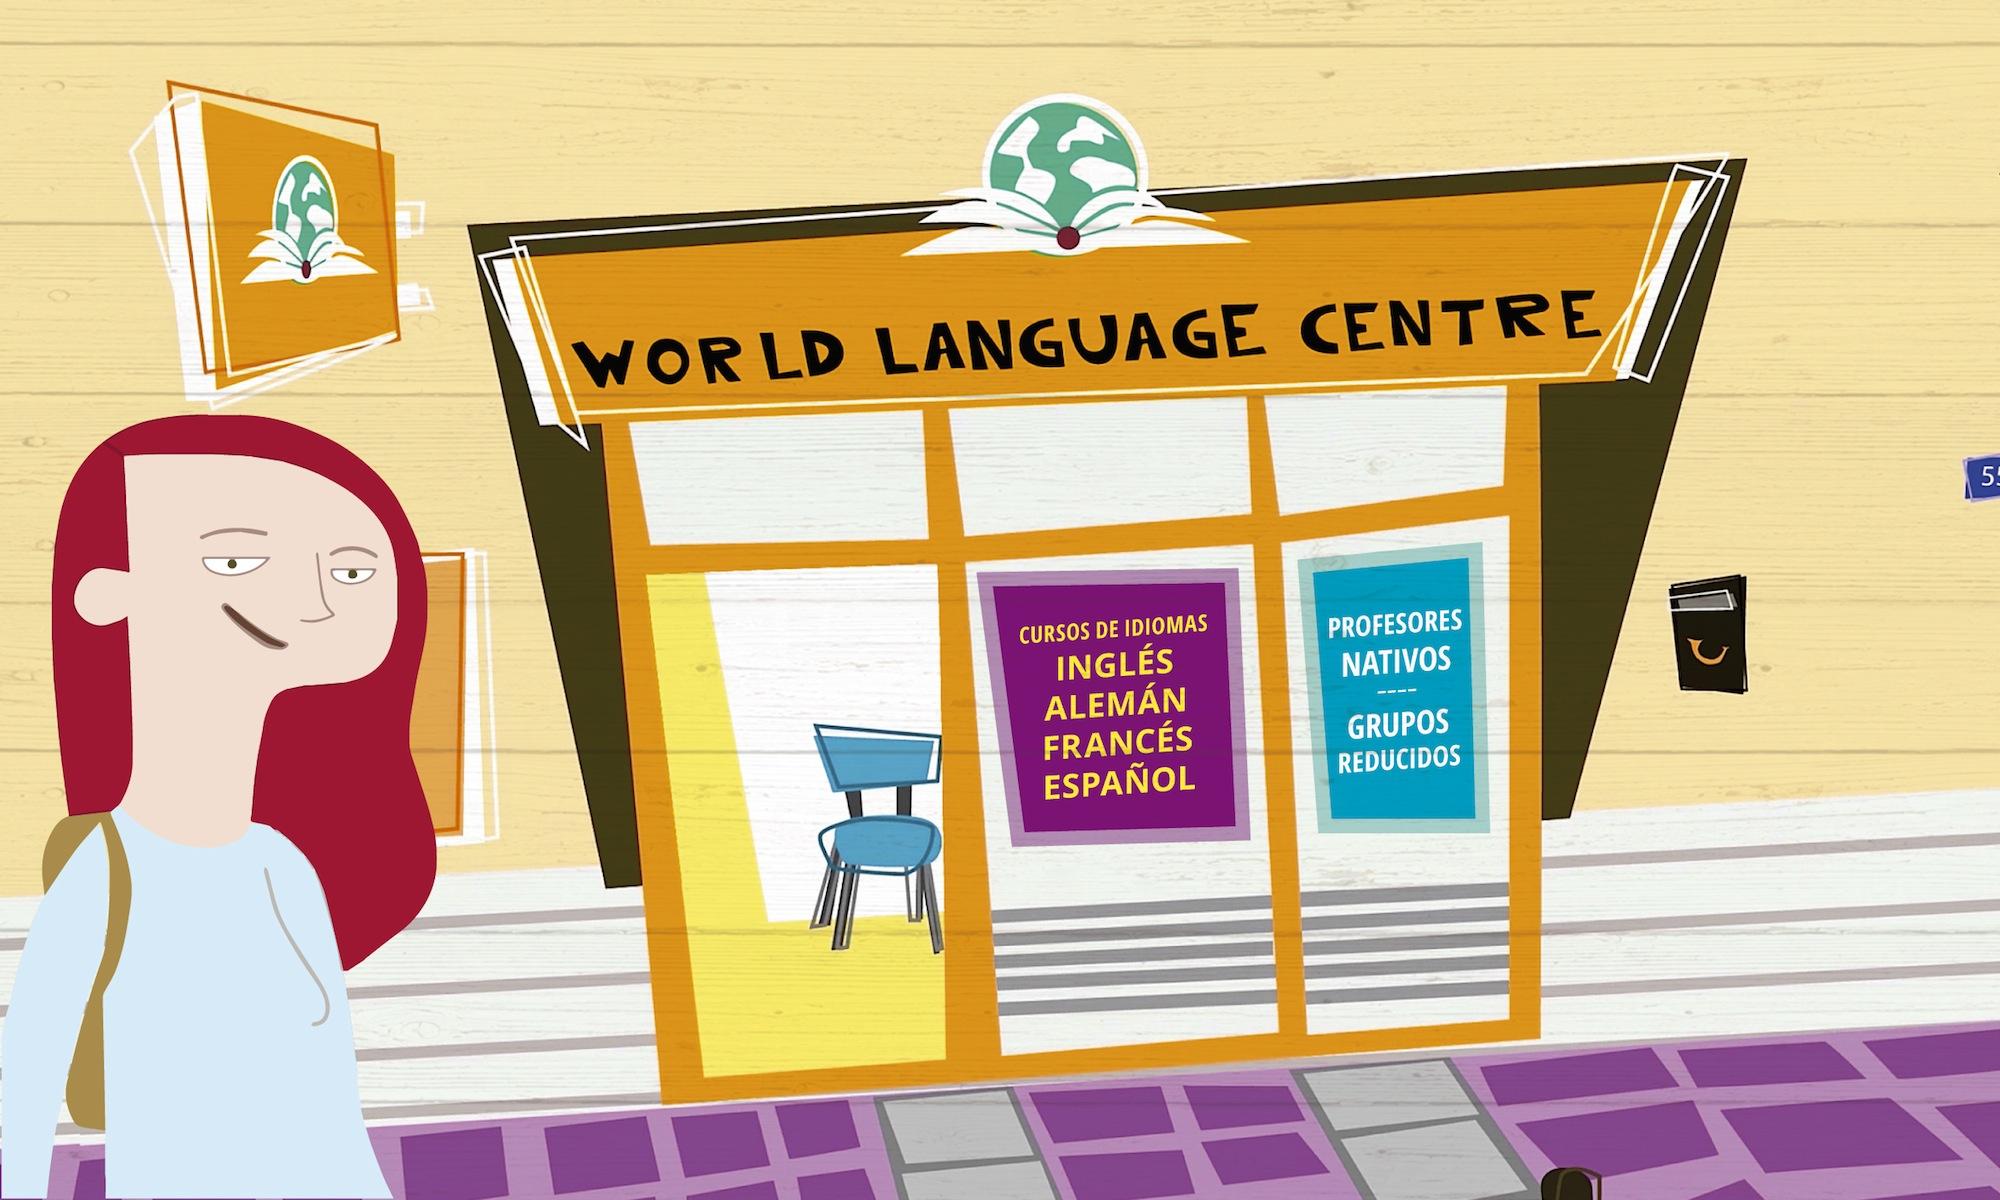 Cursos de idiomas - Profesores nativos - Grupos reducidos